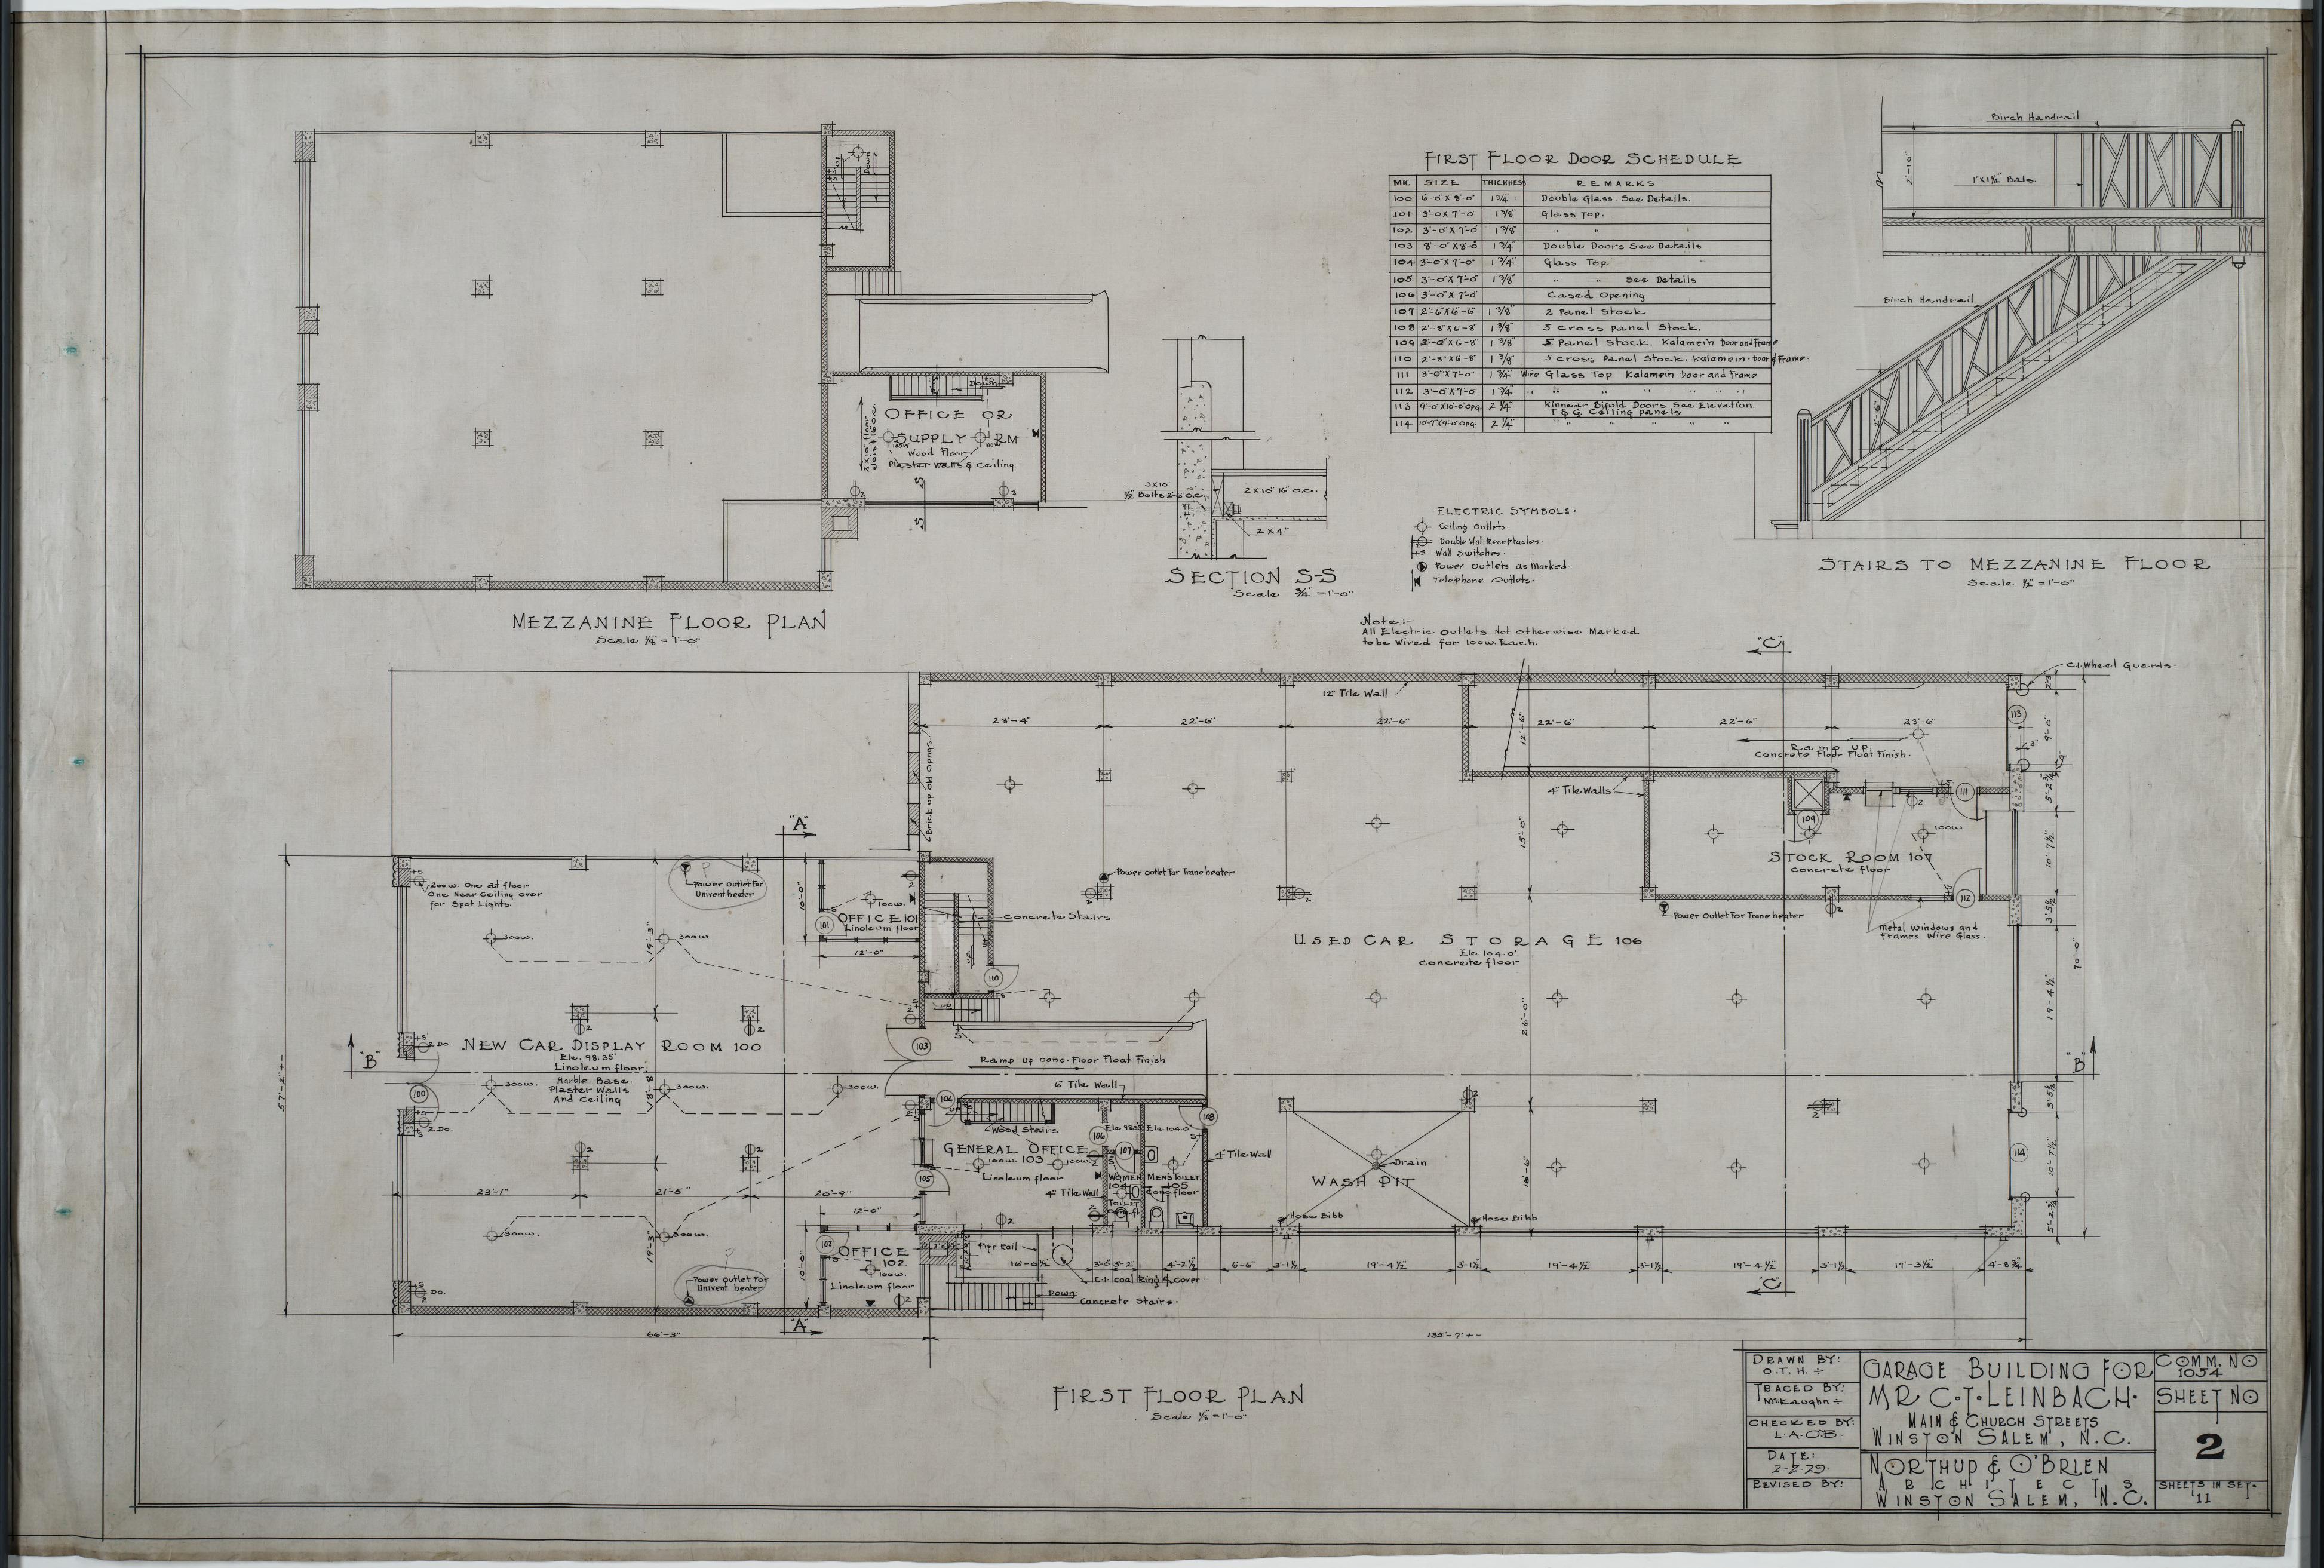 First floor plan mezzanine floor plan leinbach clarence for Mezzanine floor plan